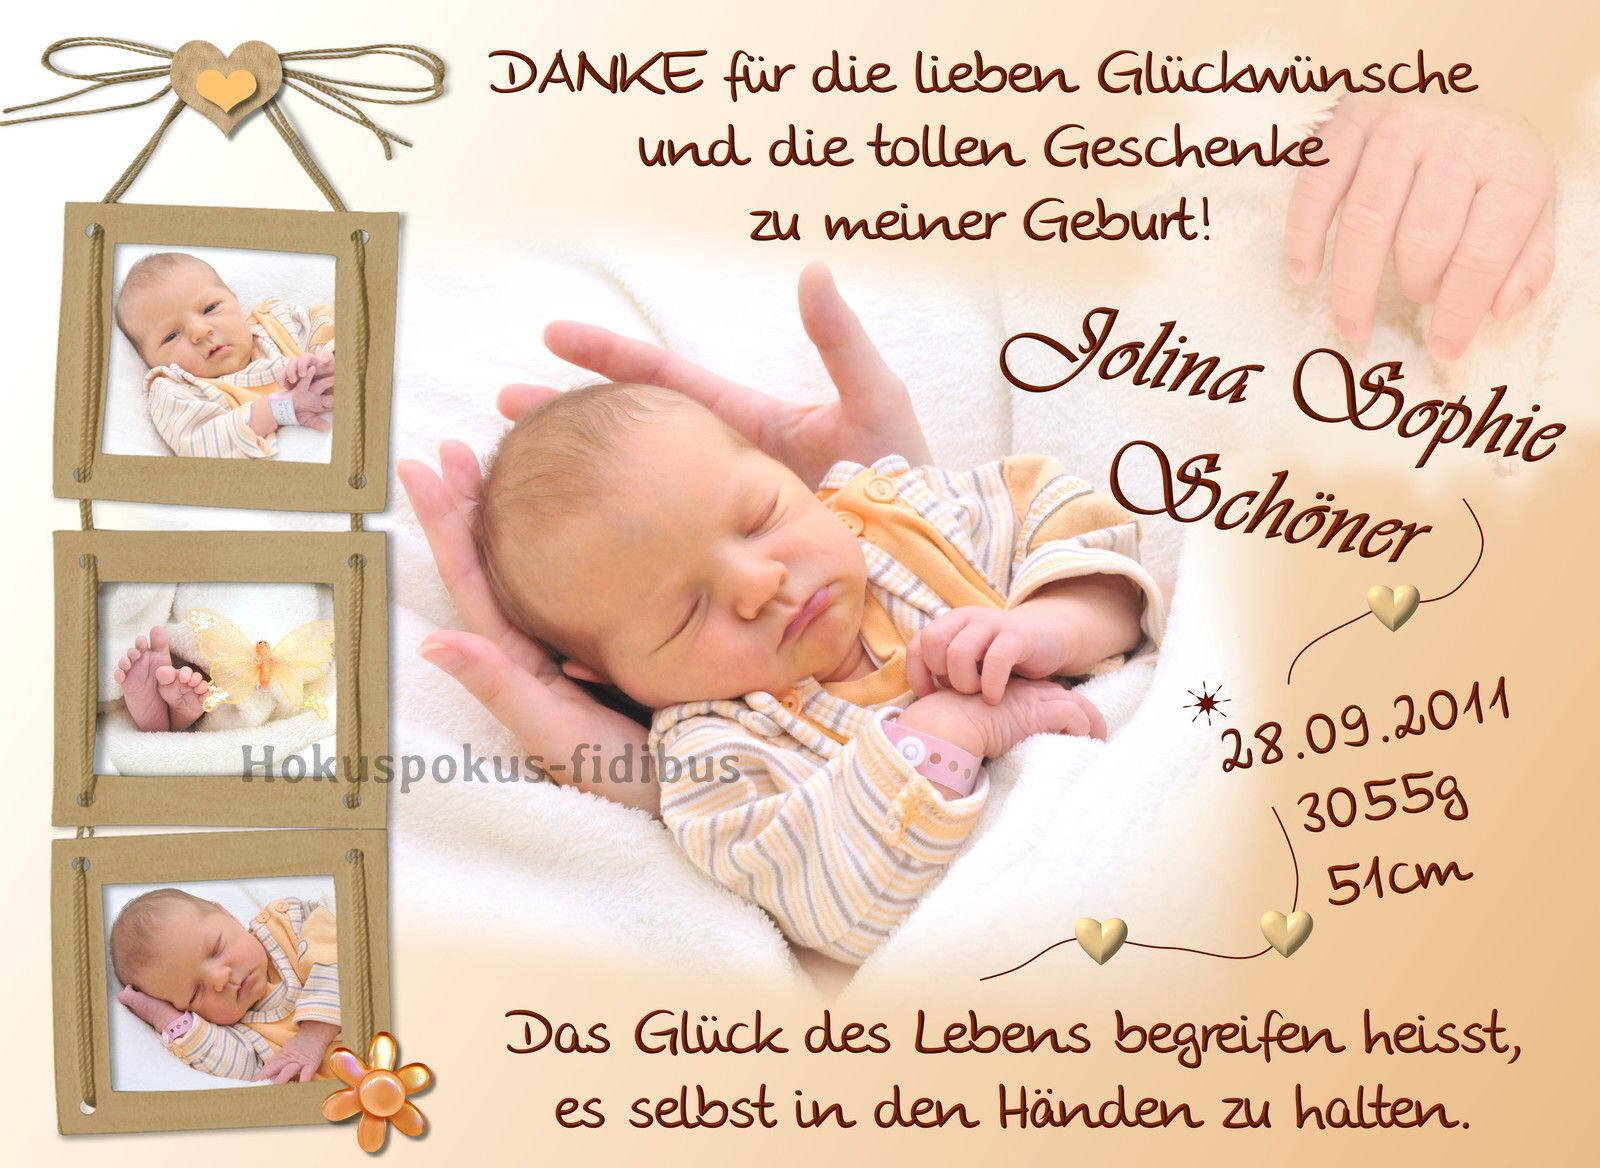 30 Danksagungskarten Geburt Danksagung Geburtskarten Foto Babykarten Geburt   | New Style  | Neueste Technologie